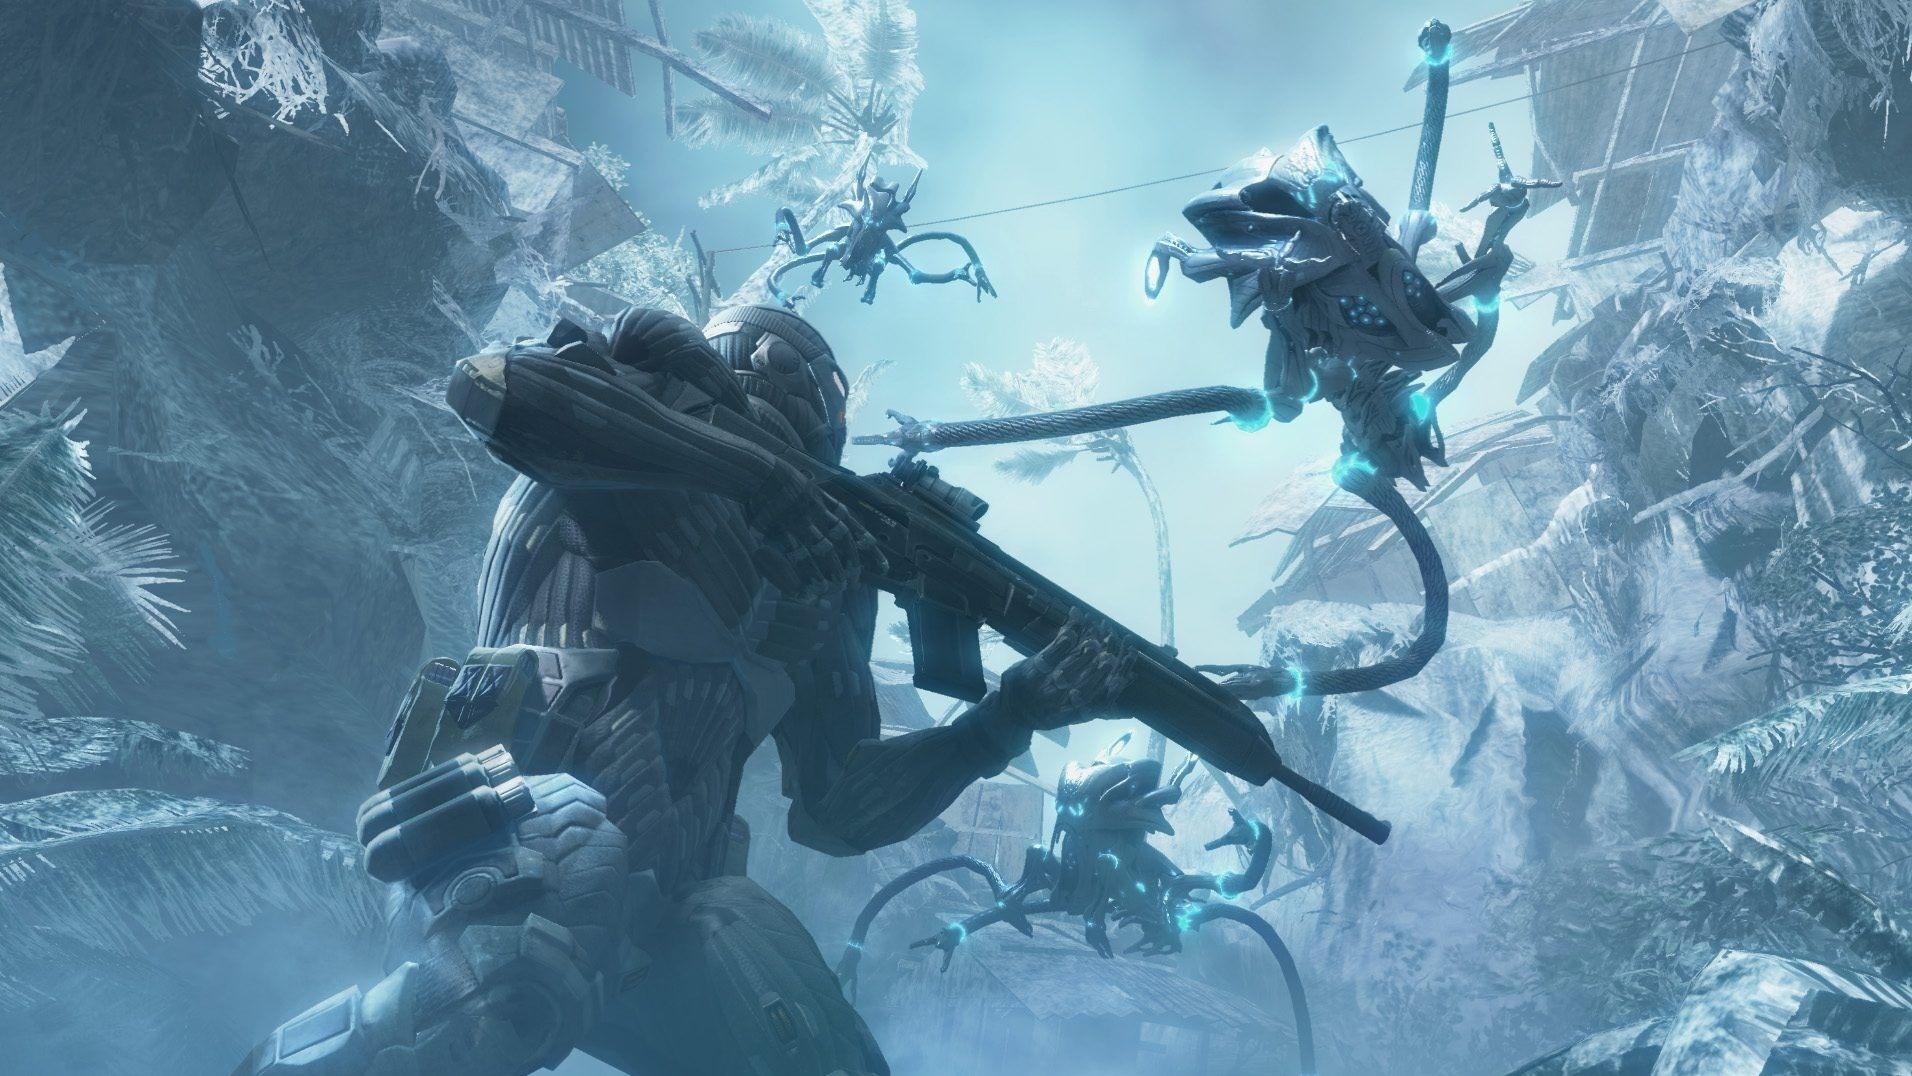 Уровни-песочницы Uncharted 4: A Thief's End были вдохновлены первой Crysis